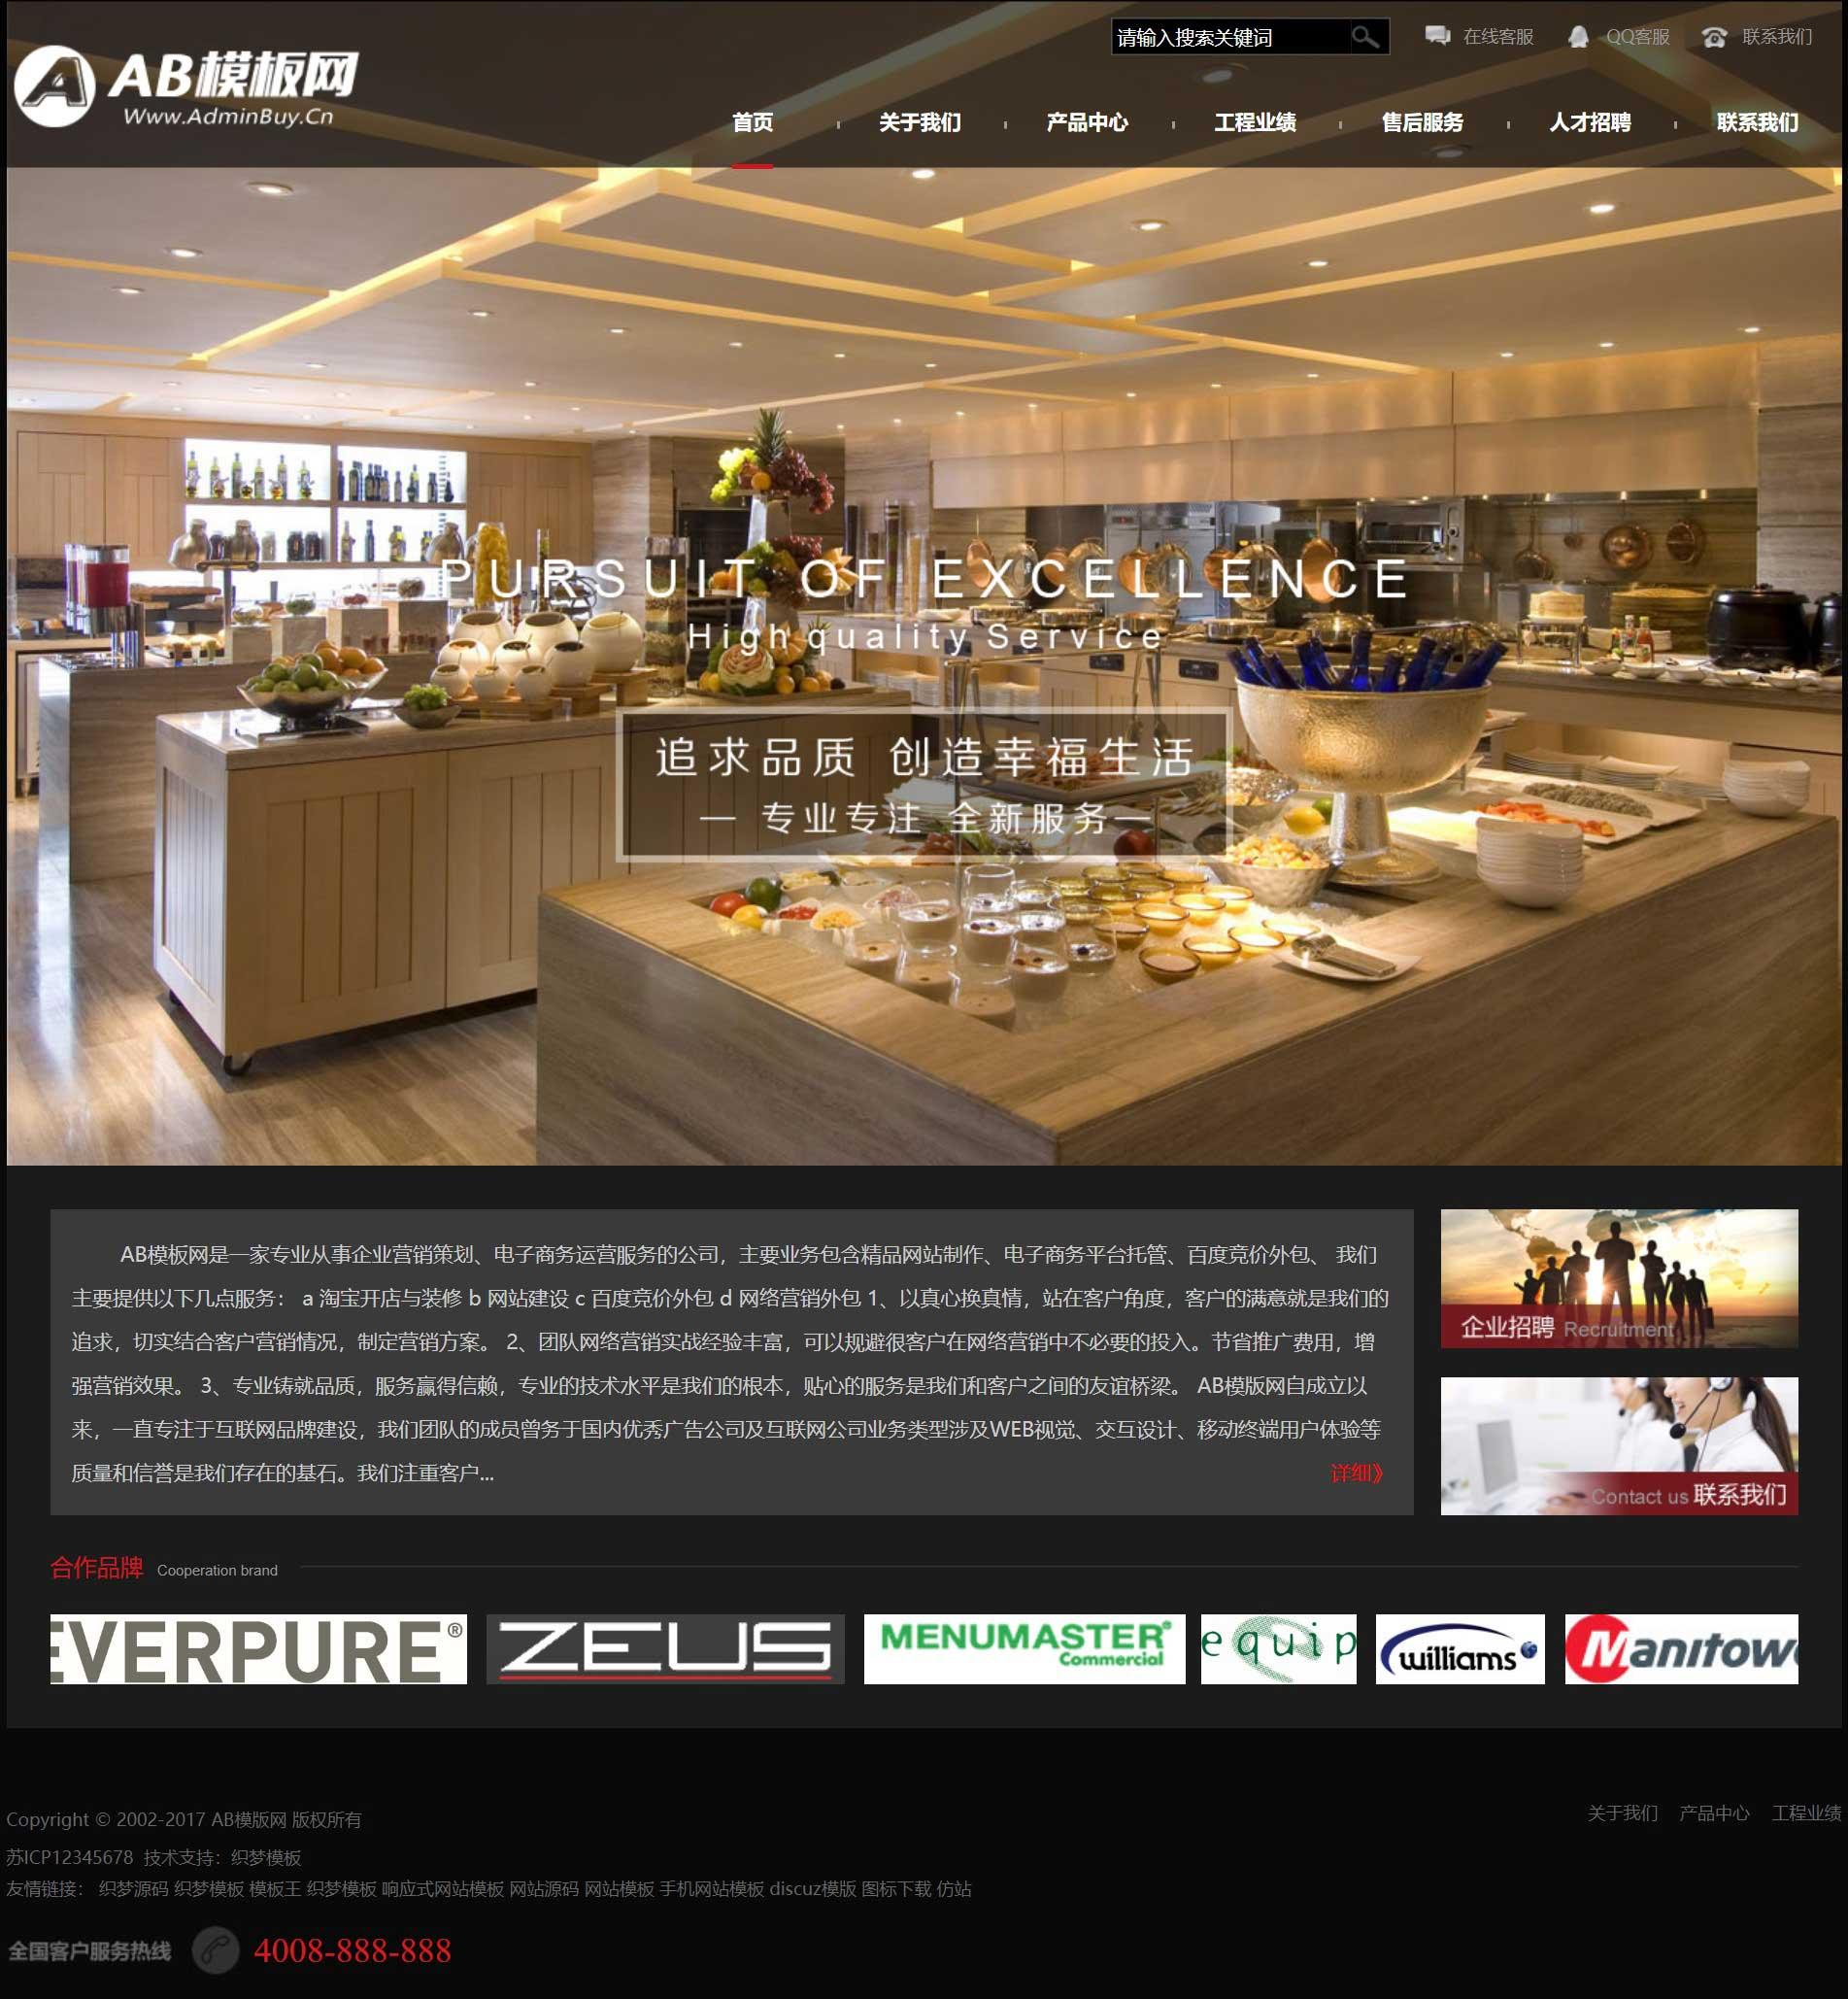 厨具工程设备企业网站织梦dede模板源码[带手机版数据同步]插图